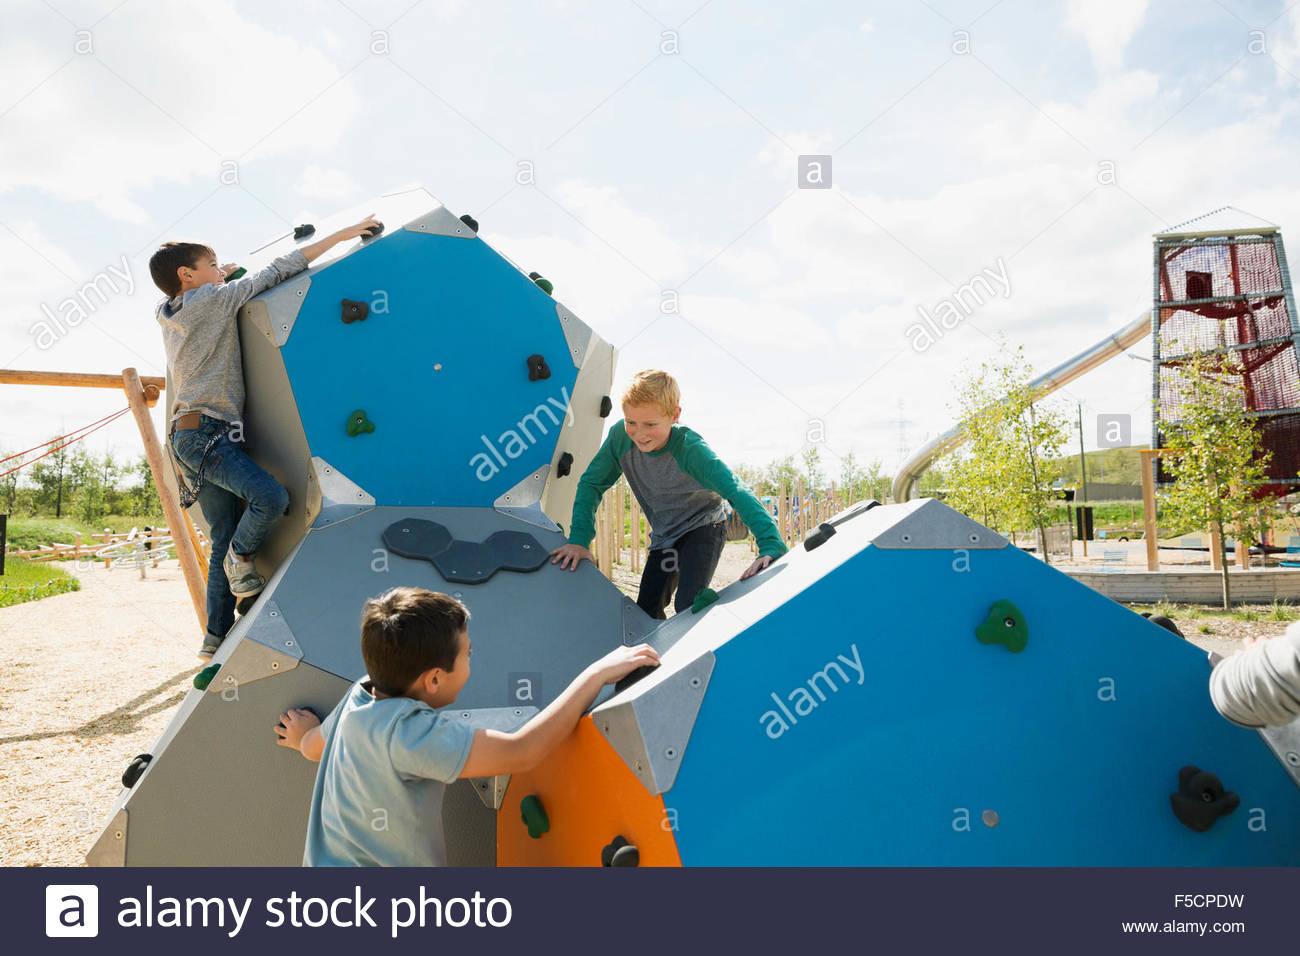 Los niños formas geométricas de escalada en el soleado patio Imagen De Stock